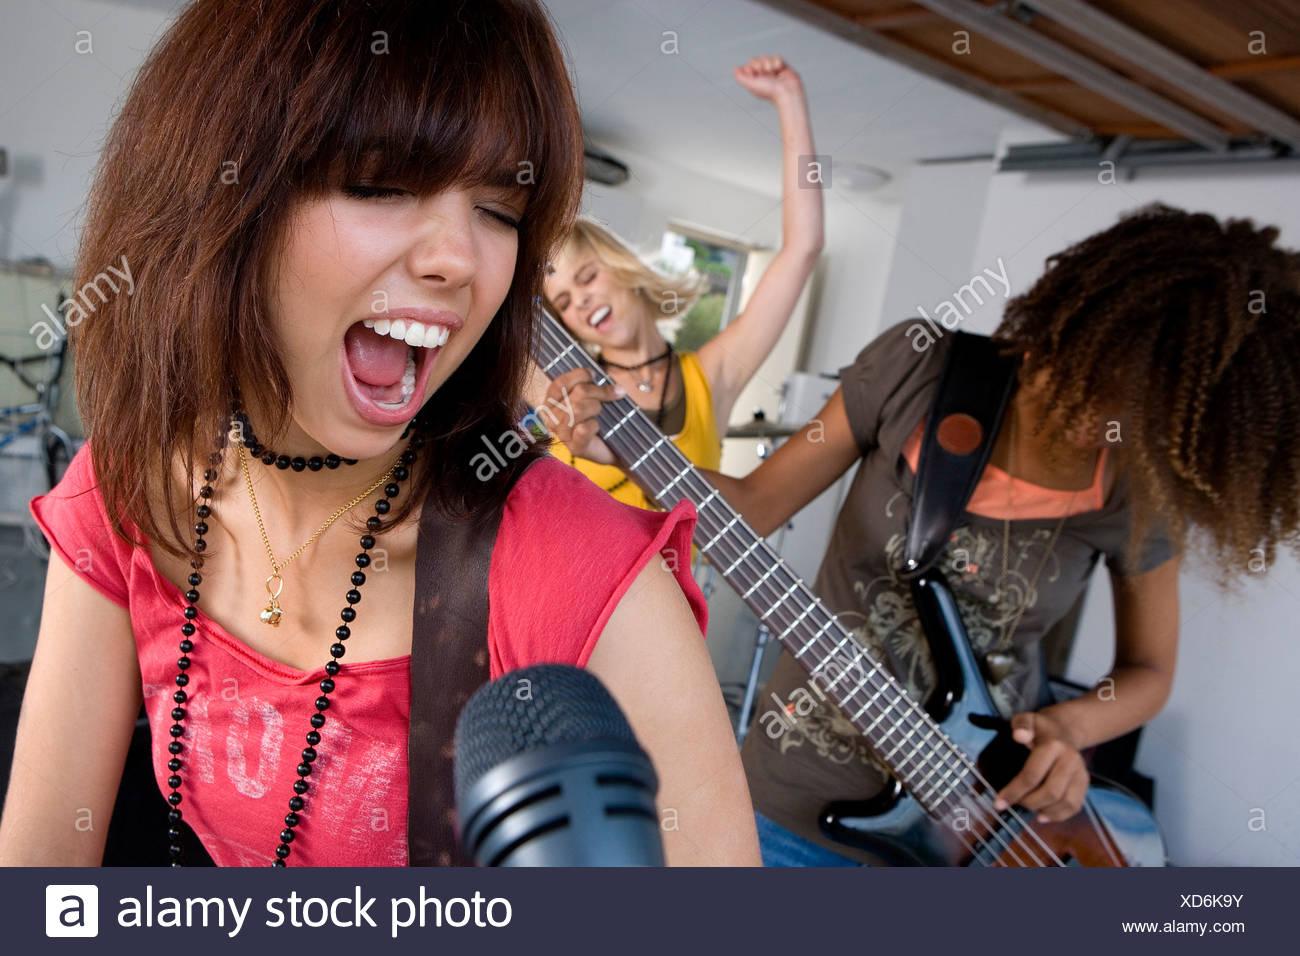 Three teenage girls  in garage band, teenage girl singing in foreground - Stock Image